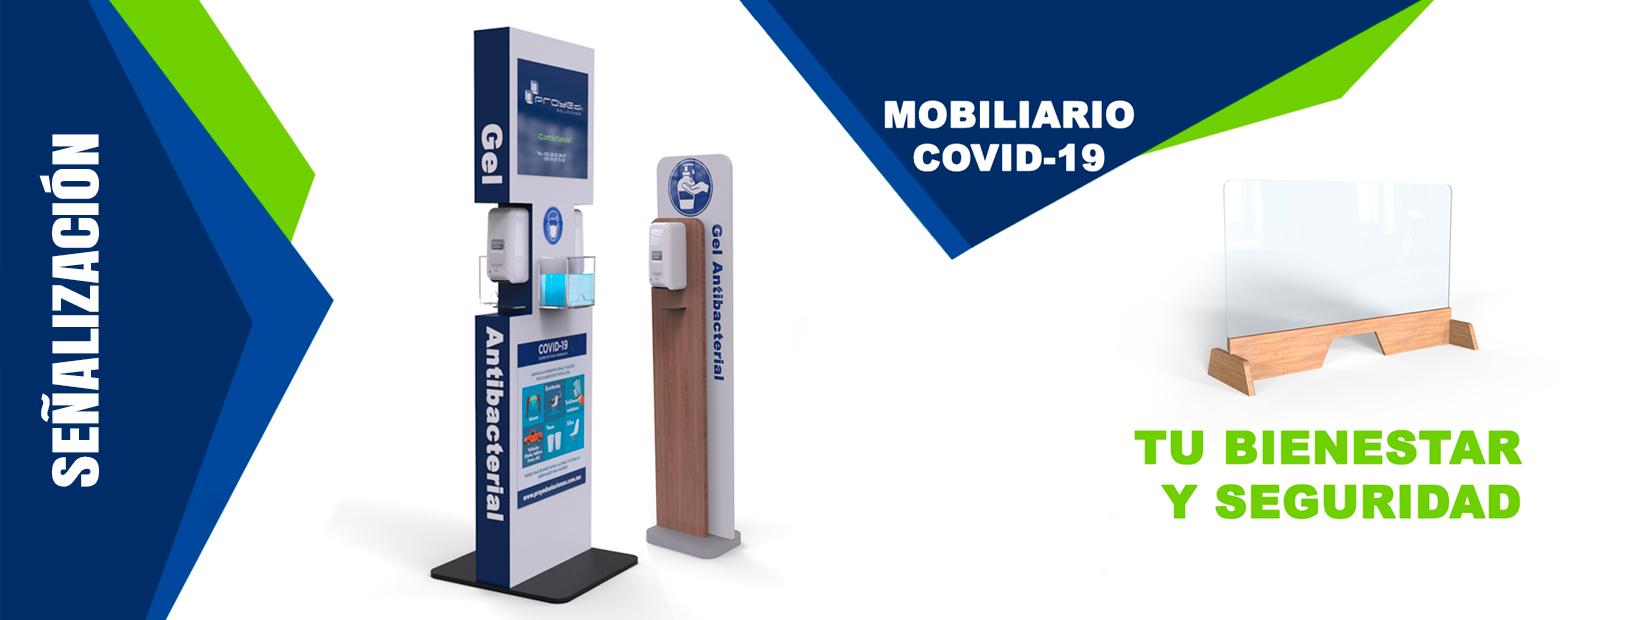 Señalización Mobiliario COVID